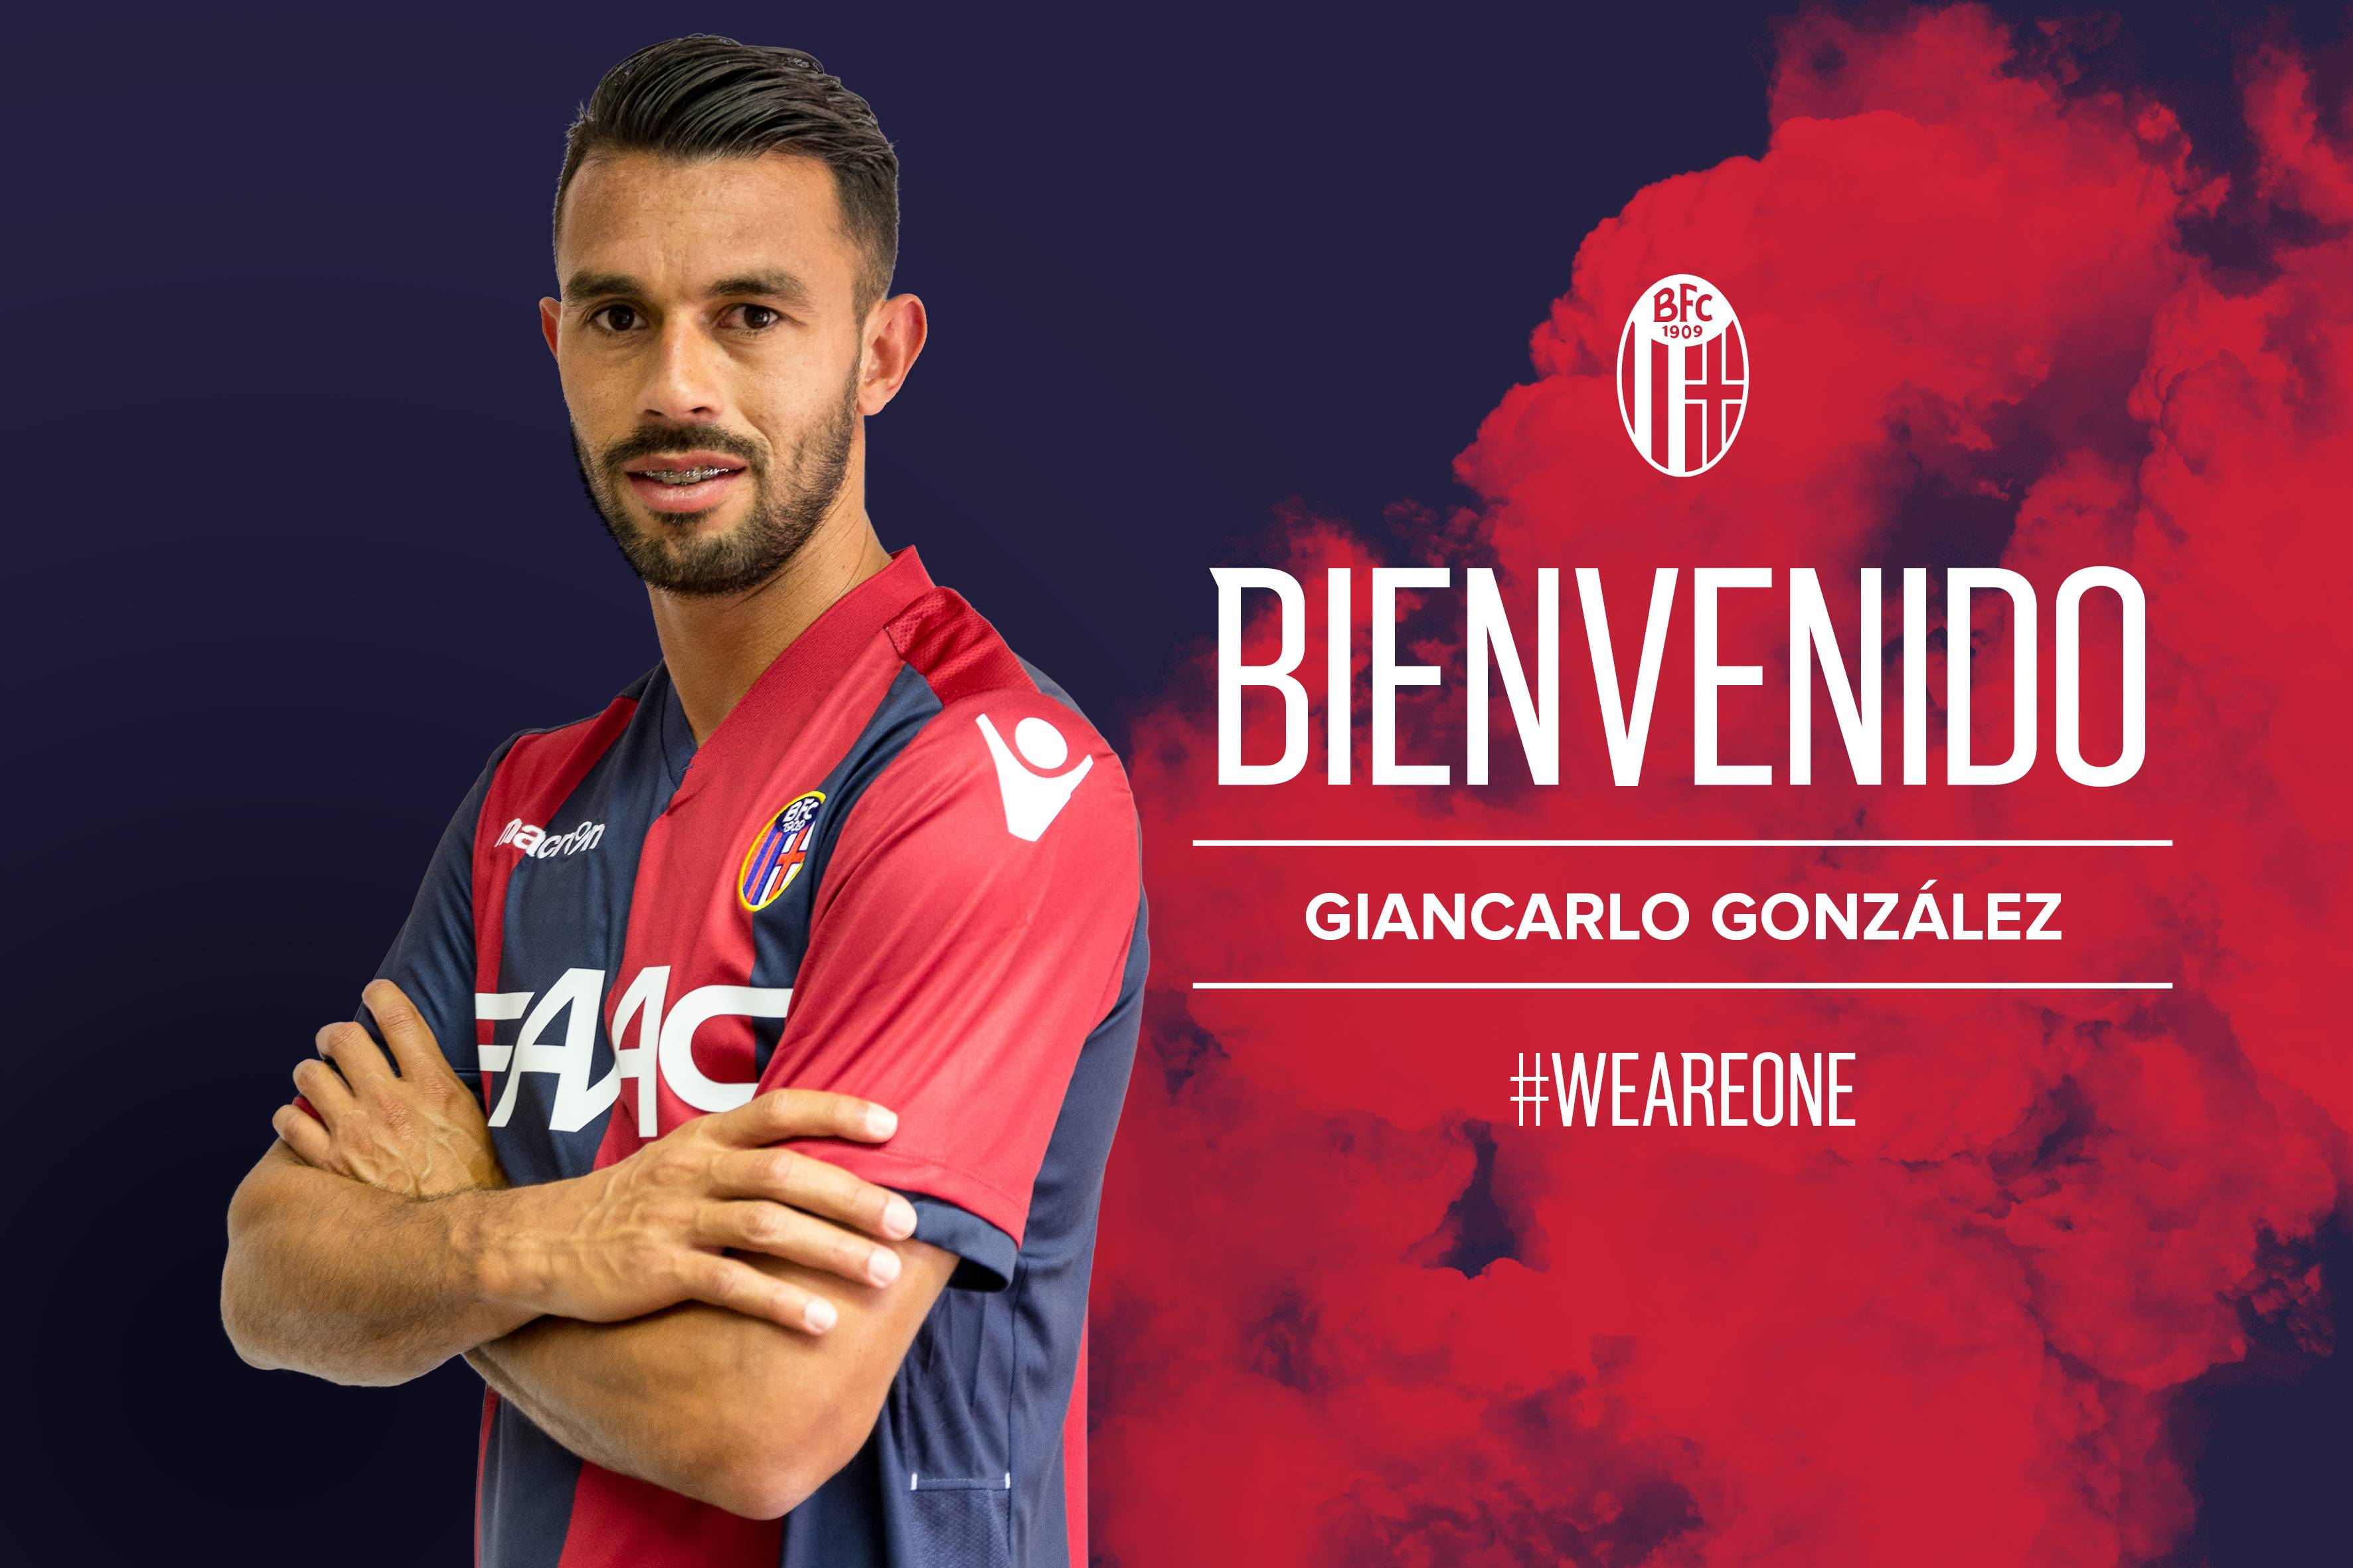 Ufficiale: Gonzalez è un nuovo giocatore del Bologna - 22 giu